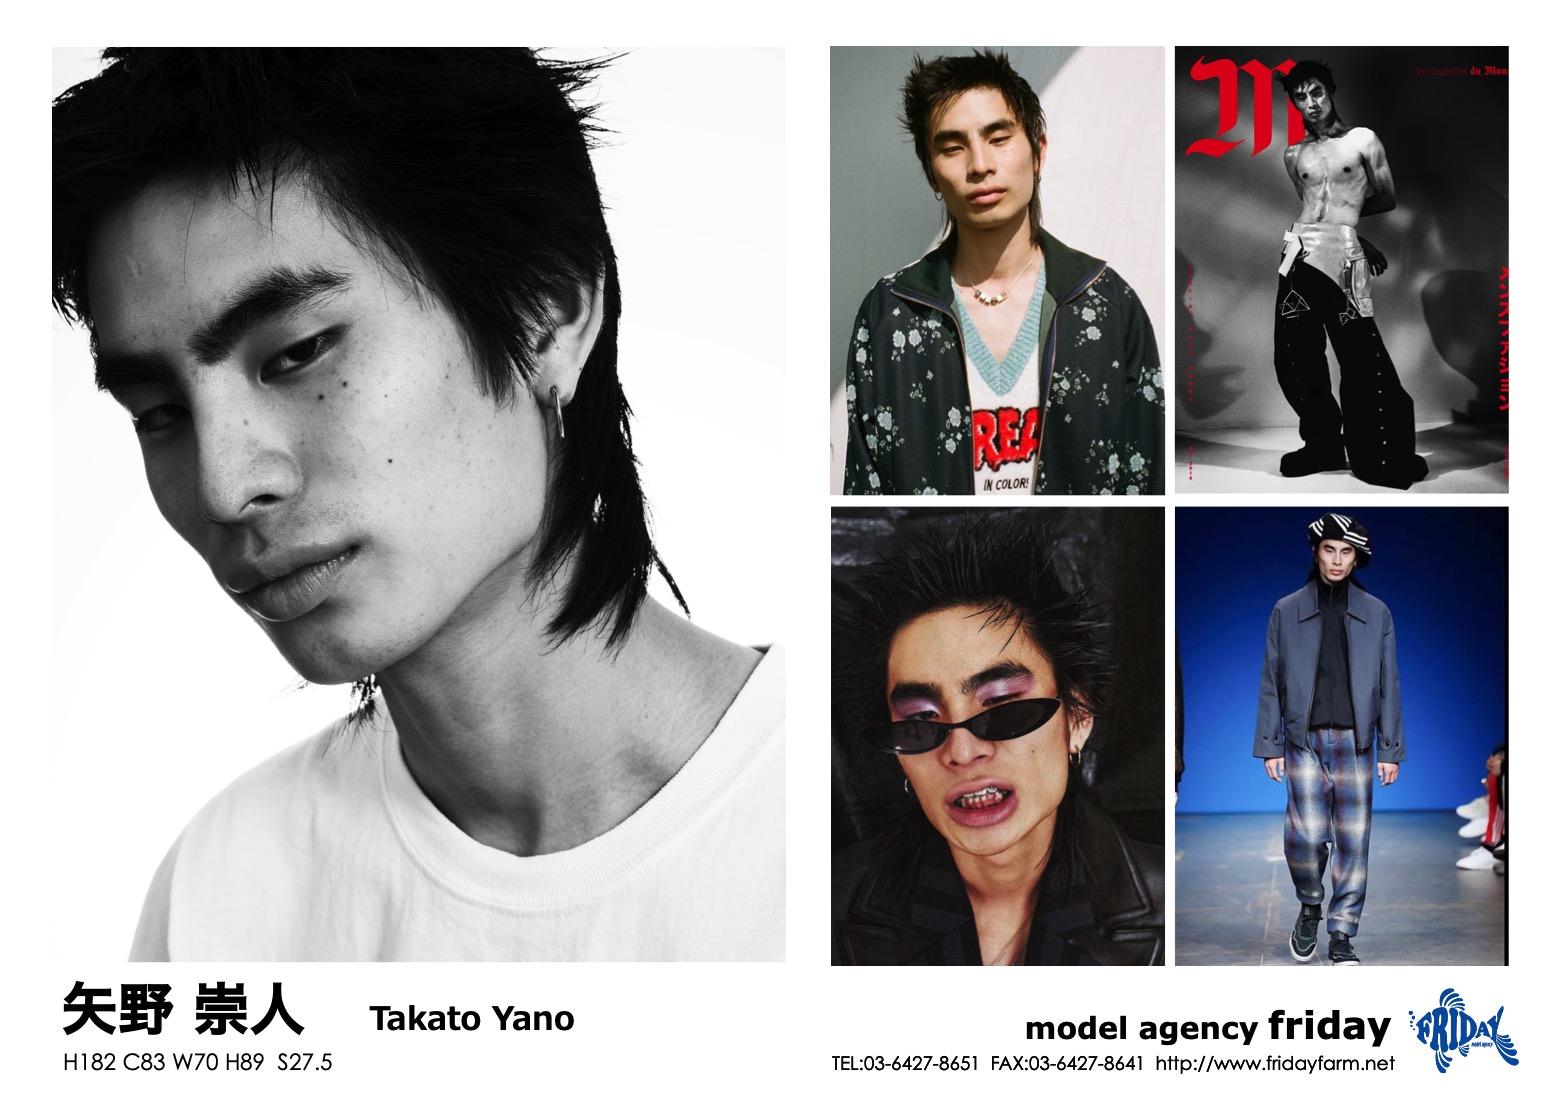 矢野 崇人 - Takato Yano | model agency friday